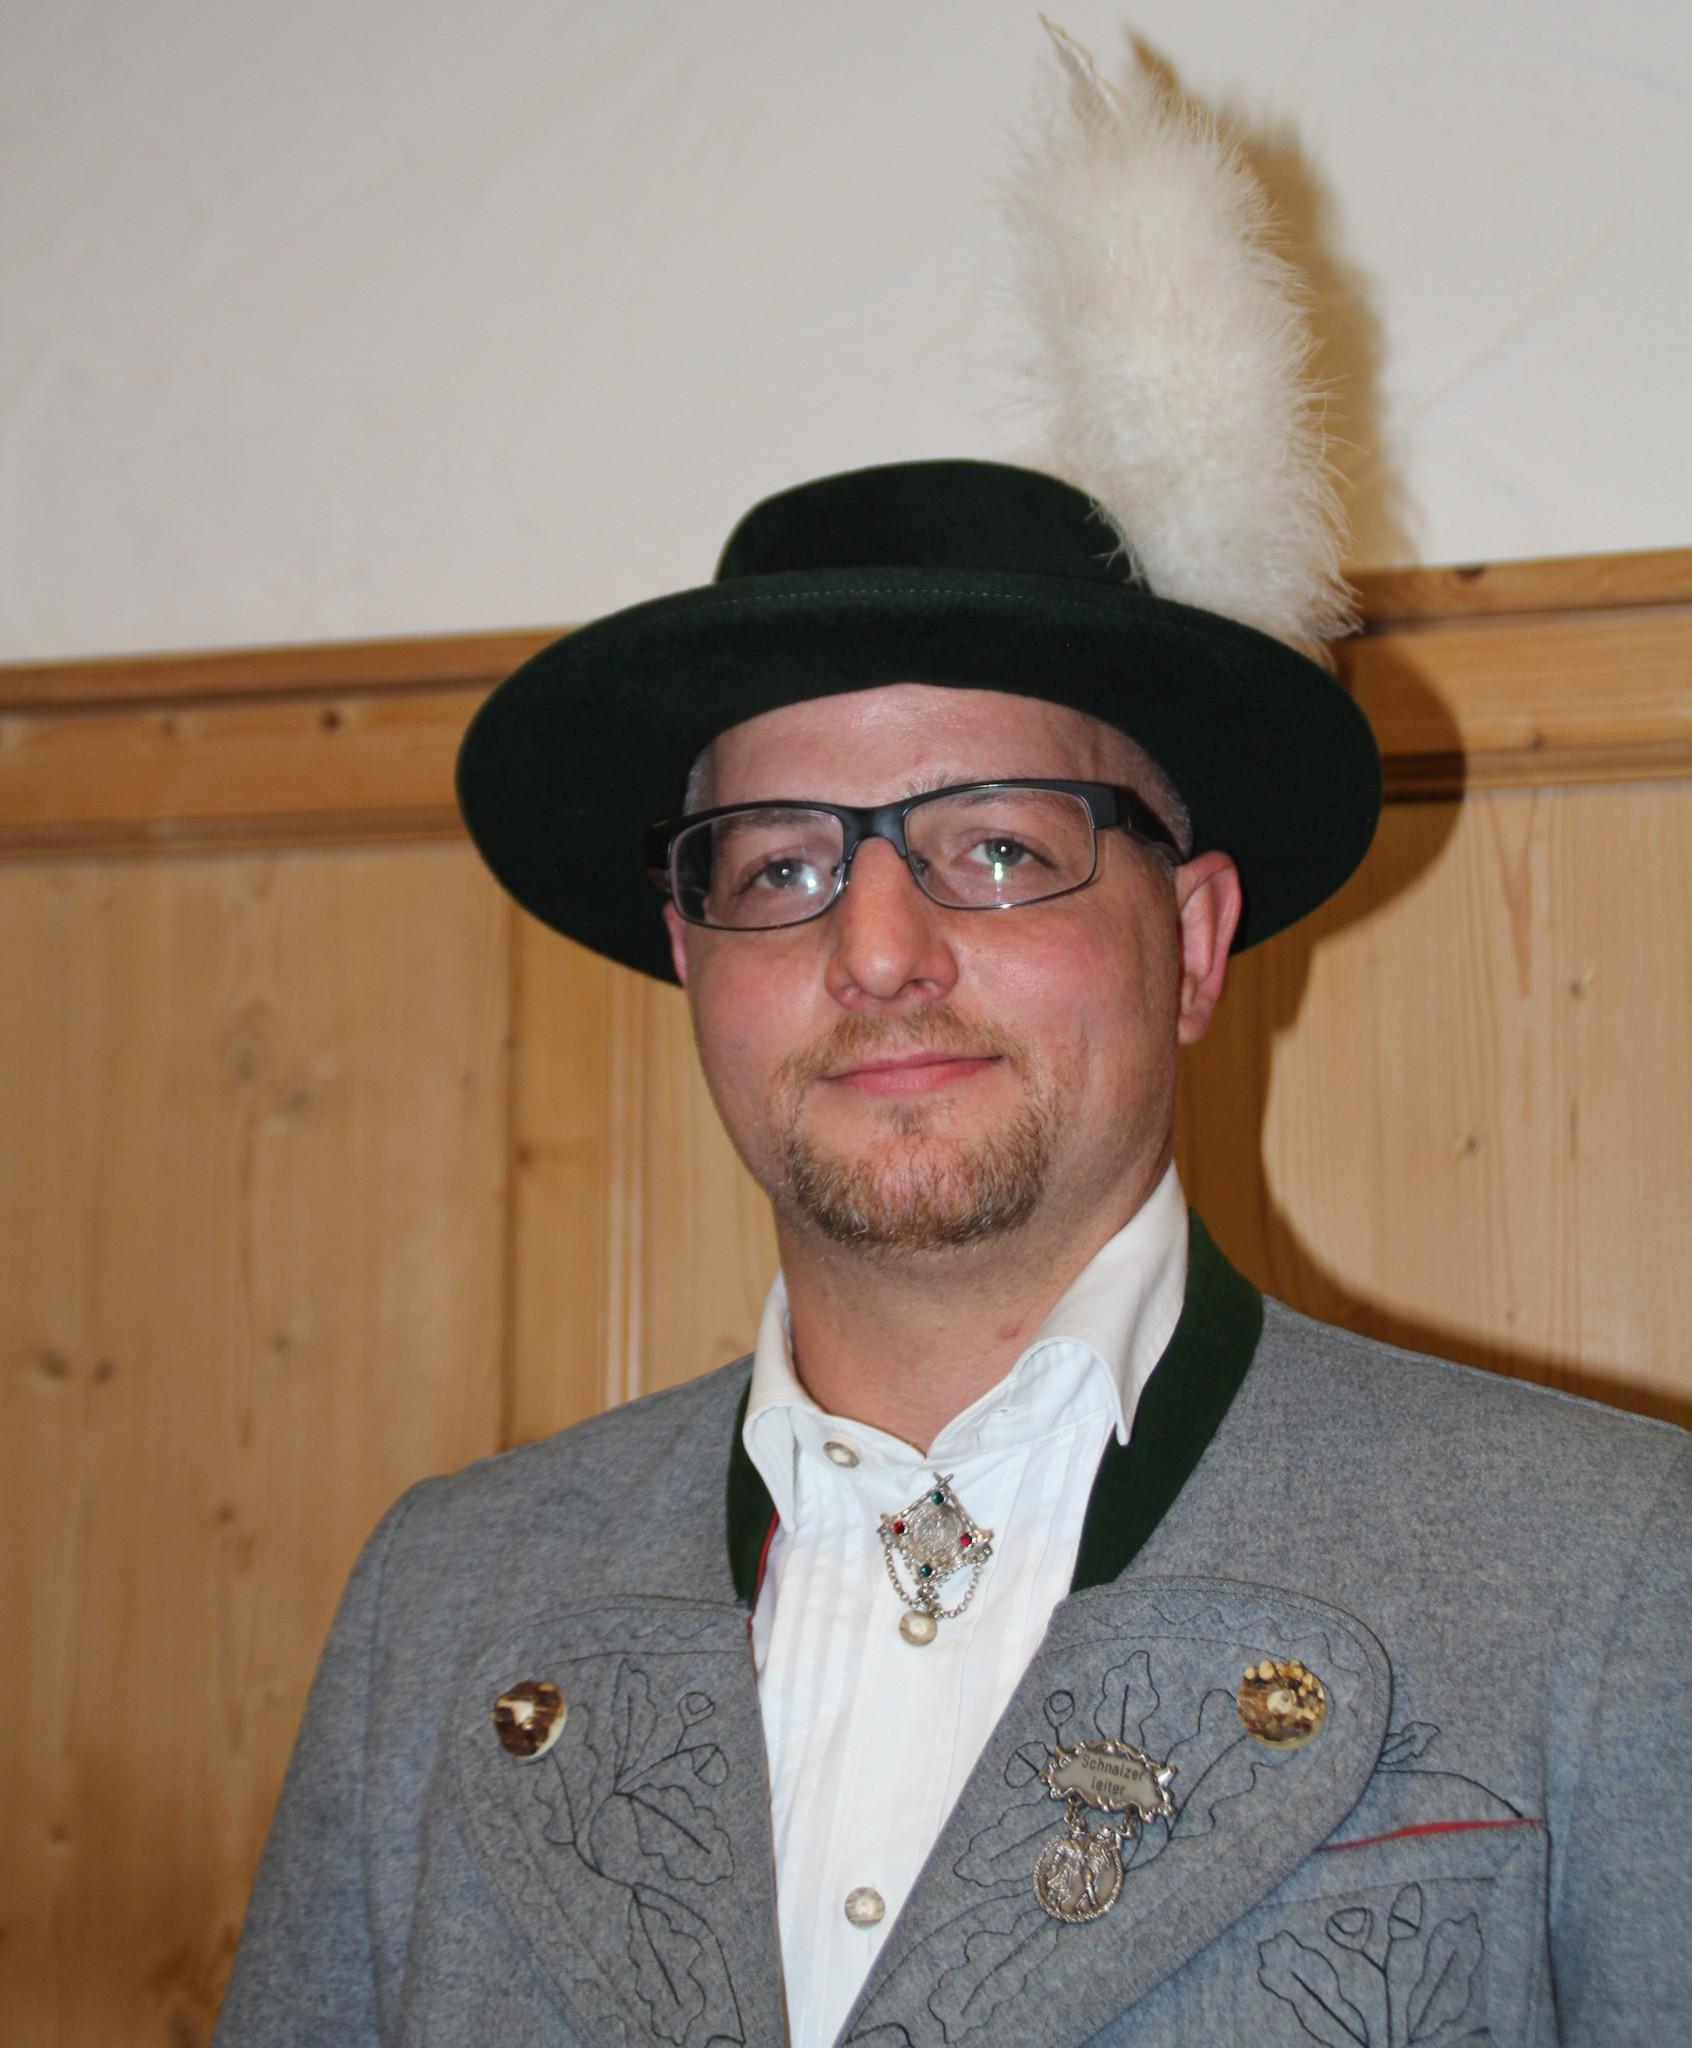 Florian-Steif